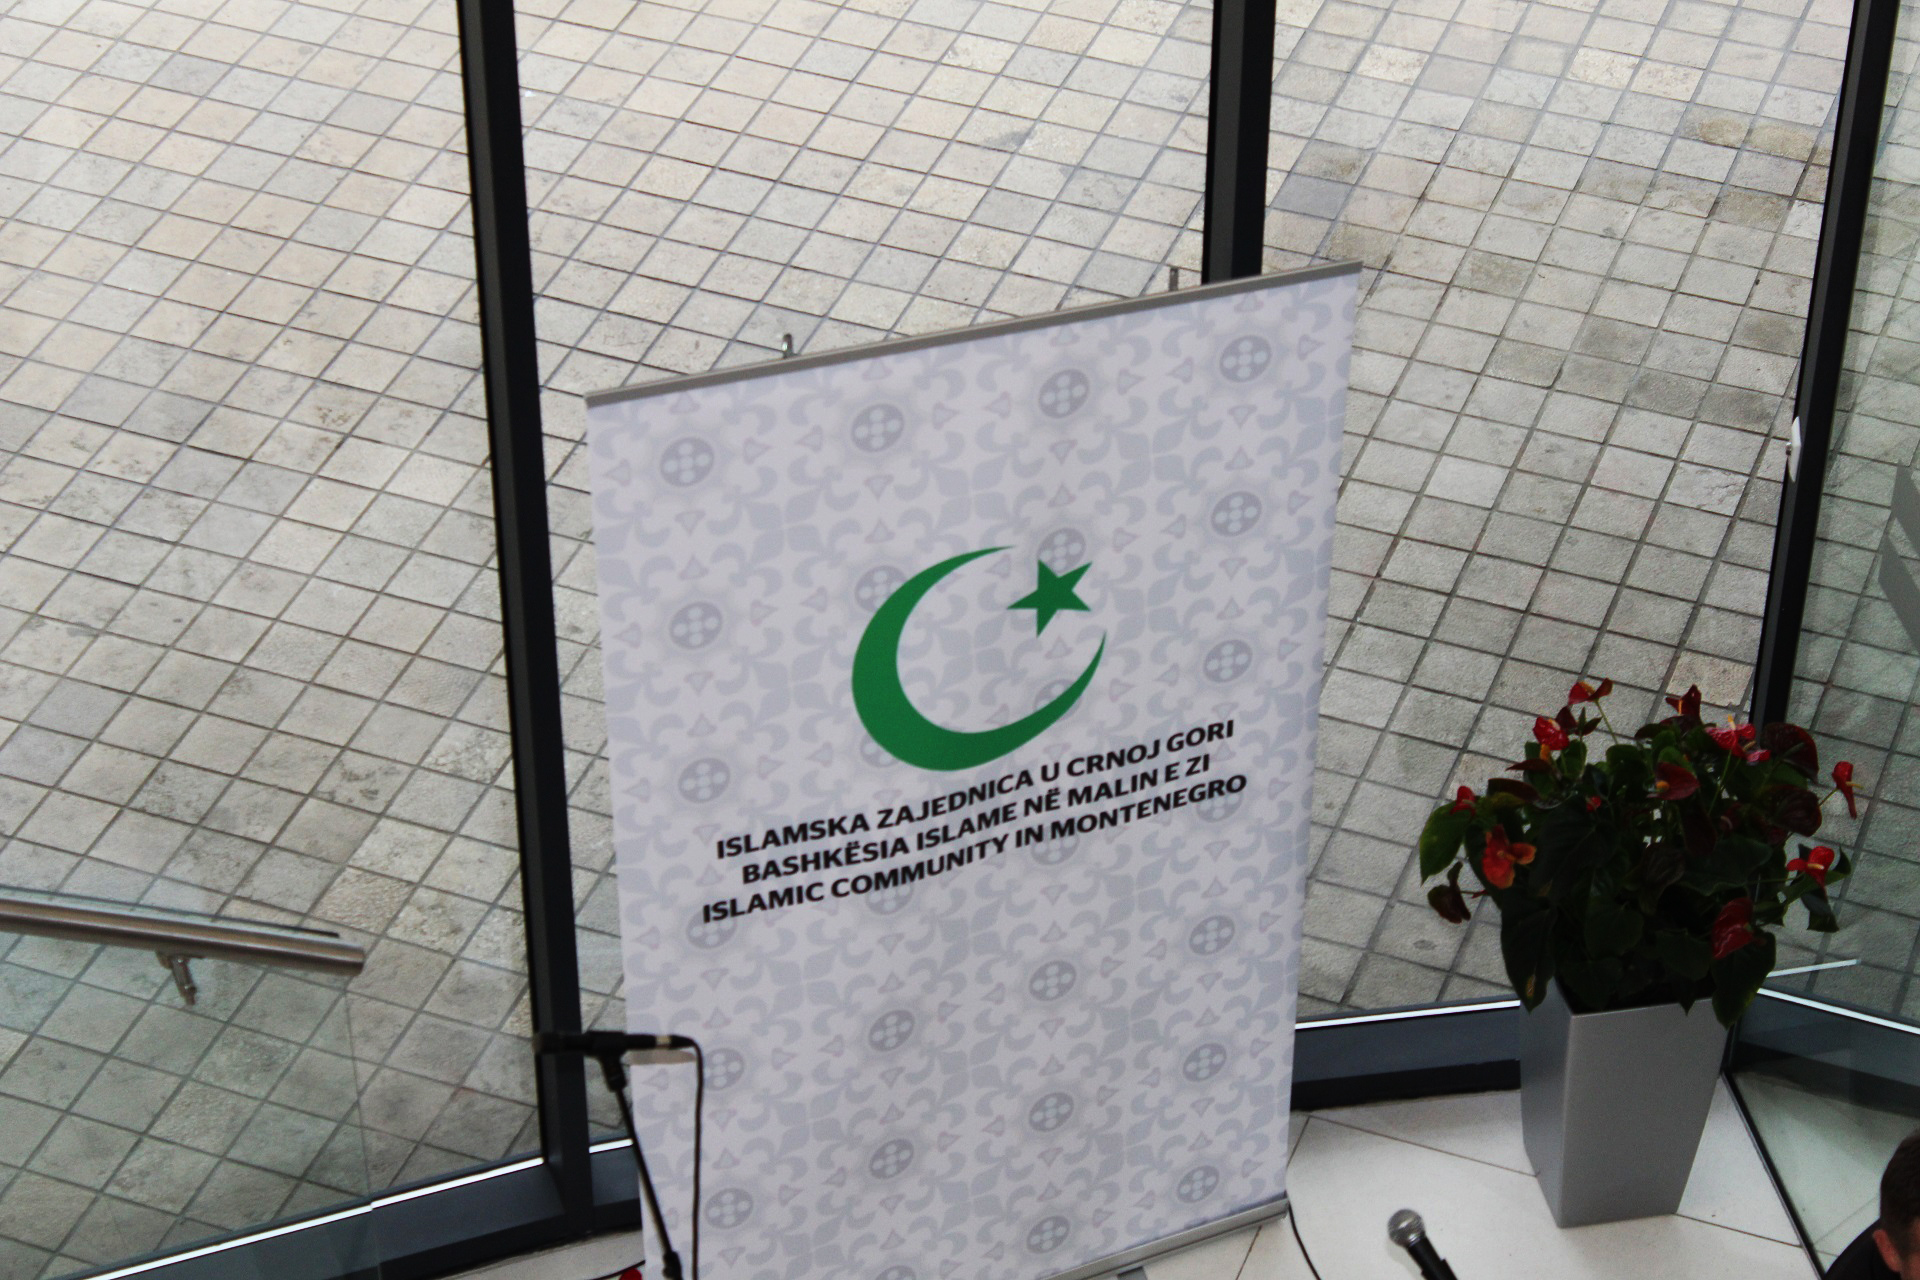 Organizator Izložbe i naše posjete Podgorici je bila Islamska Zajednica Crne Gore.